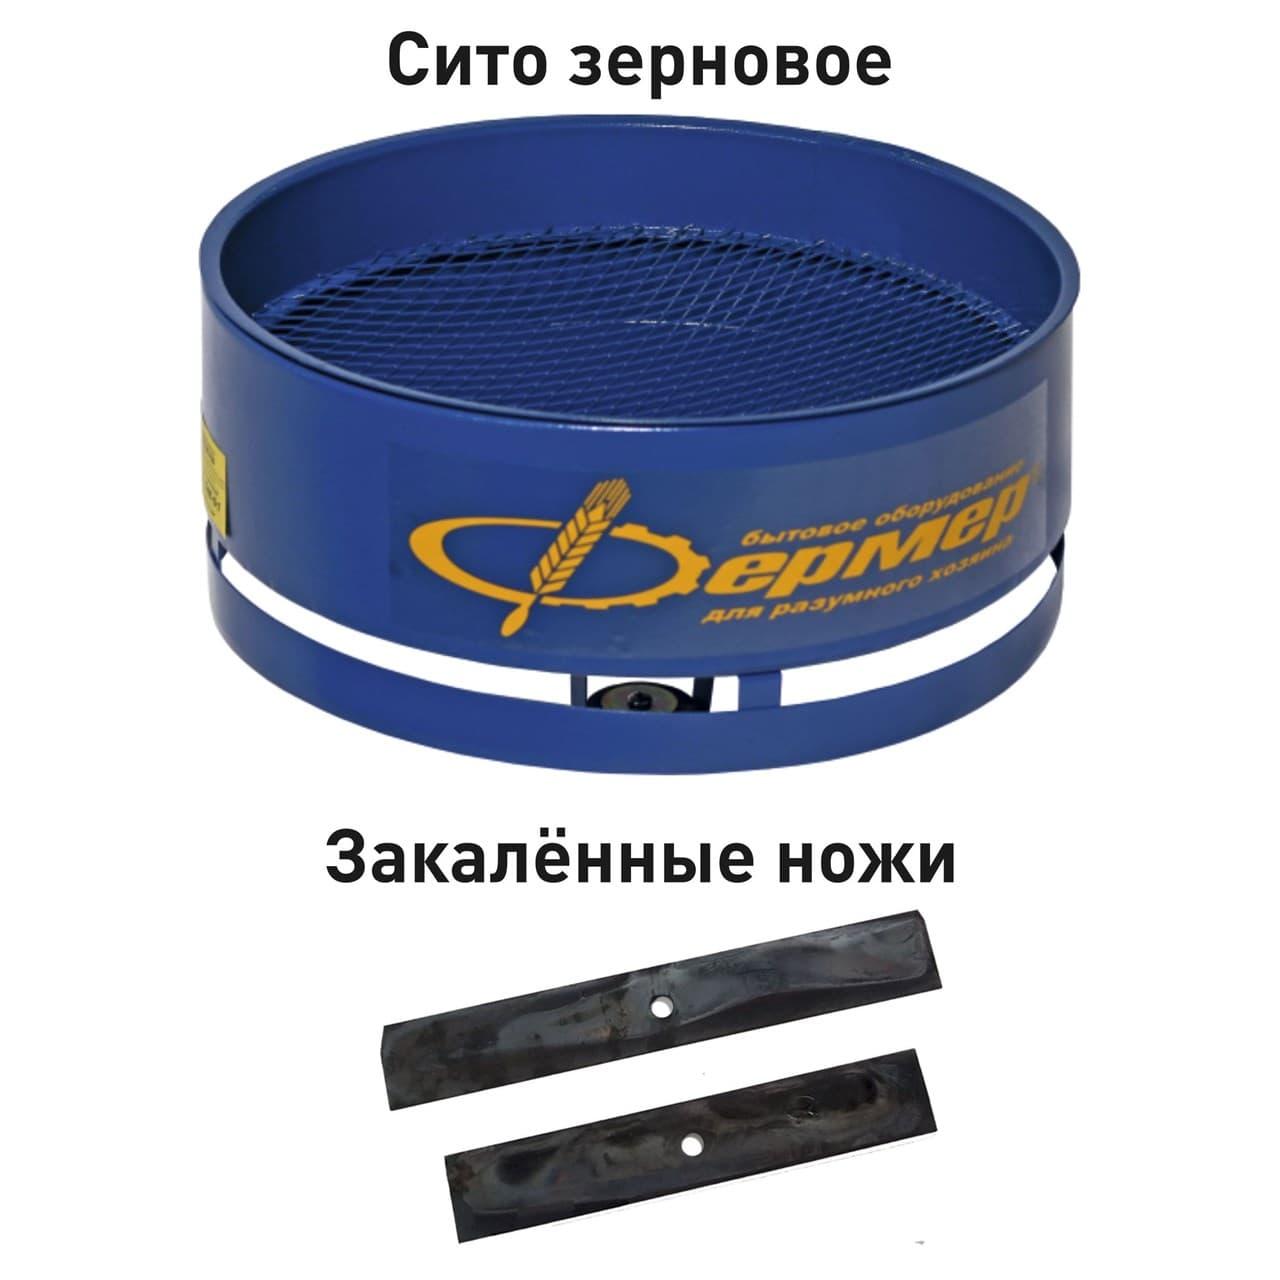 Зернодробилка ФЕРМЕР ИЗЭ-14 1200 Вт, 300 кг/ч, круглая, бункер 14 л. - фото 9904